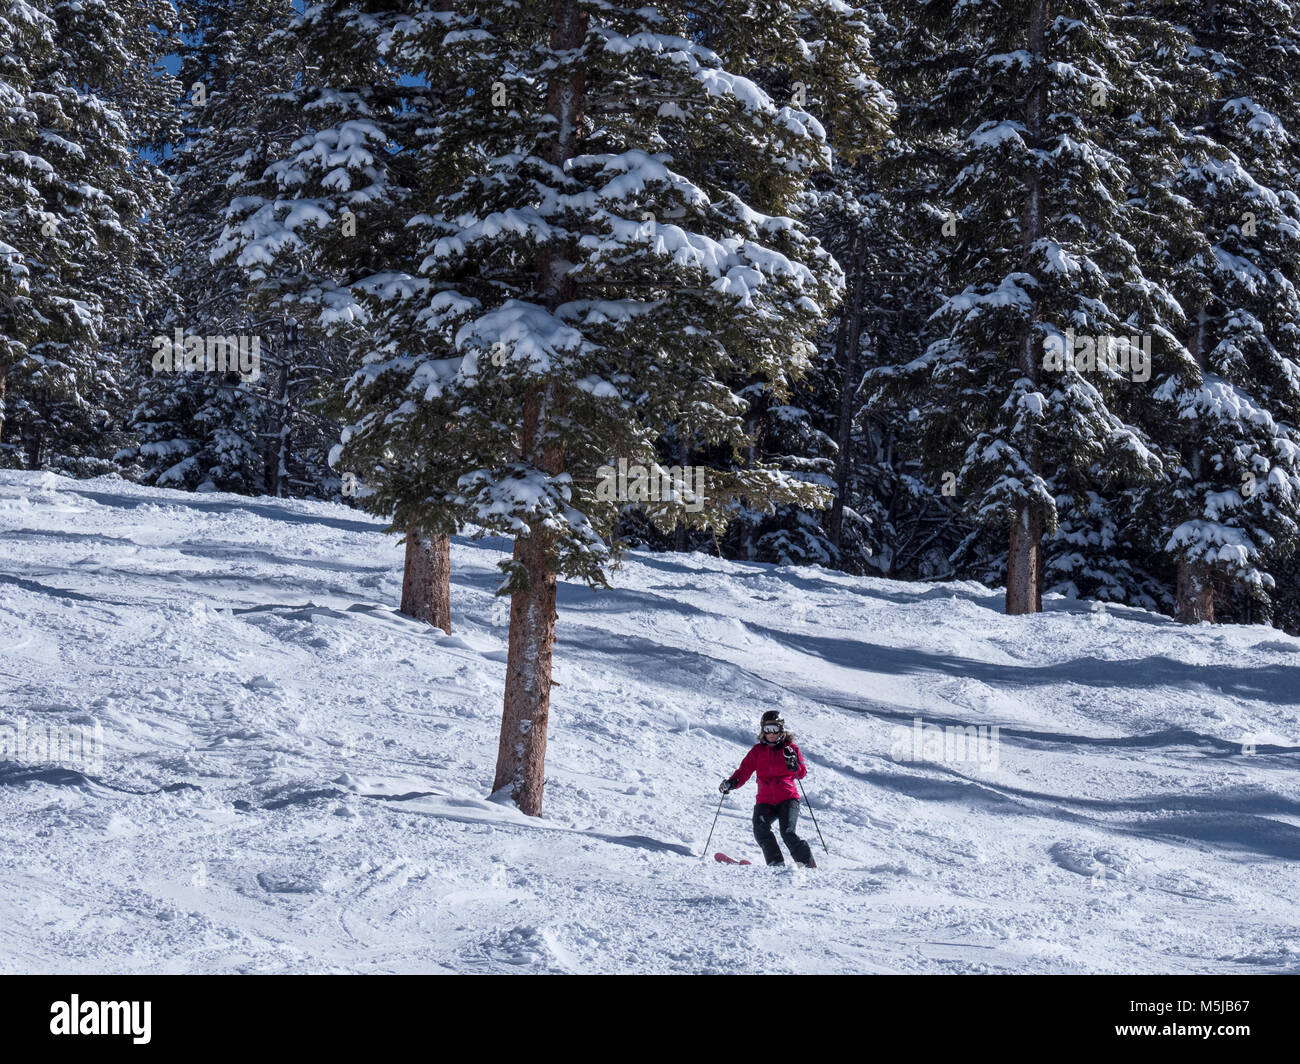 Sciatore sci la stella trail, inverno, Blue Sky Basin, Vail Ski Resort, Vail Colorado. Immagini Stock